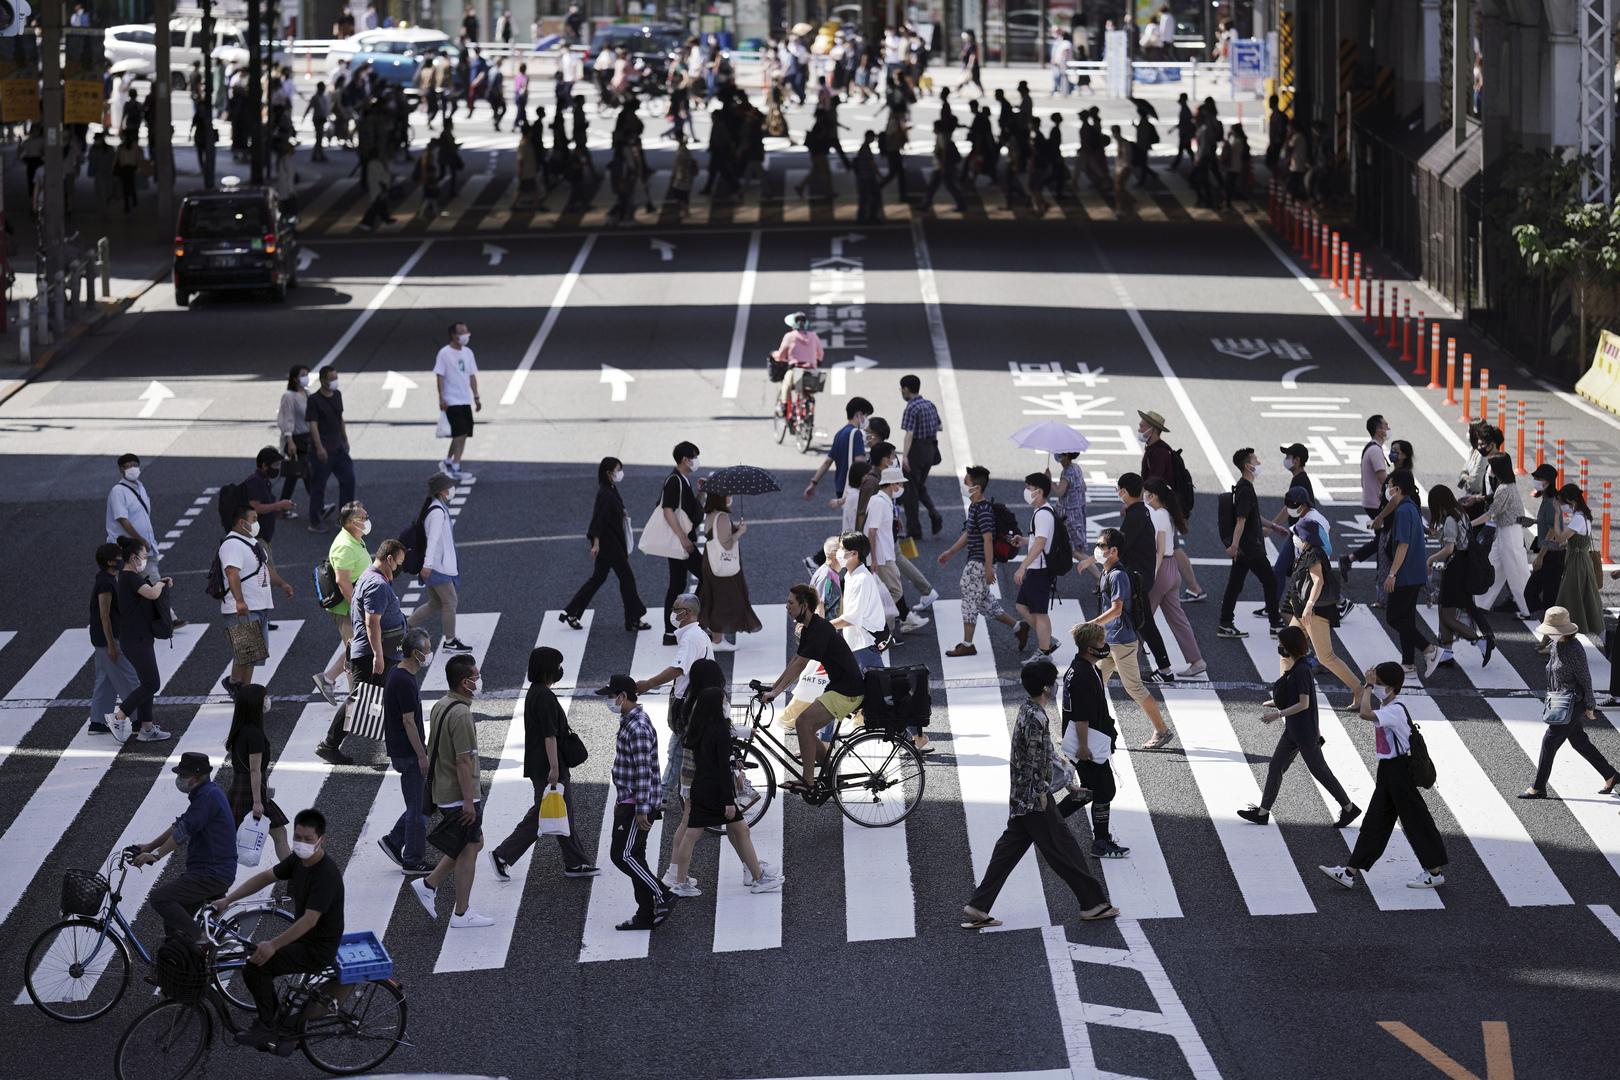 اليابان تبحث في رفع حالة الطوارئ المتعلقة بمكافحة كورونا في نهاية سبتمبر